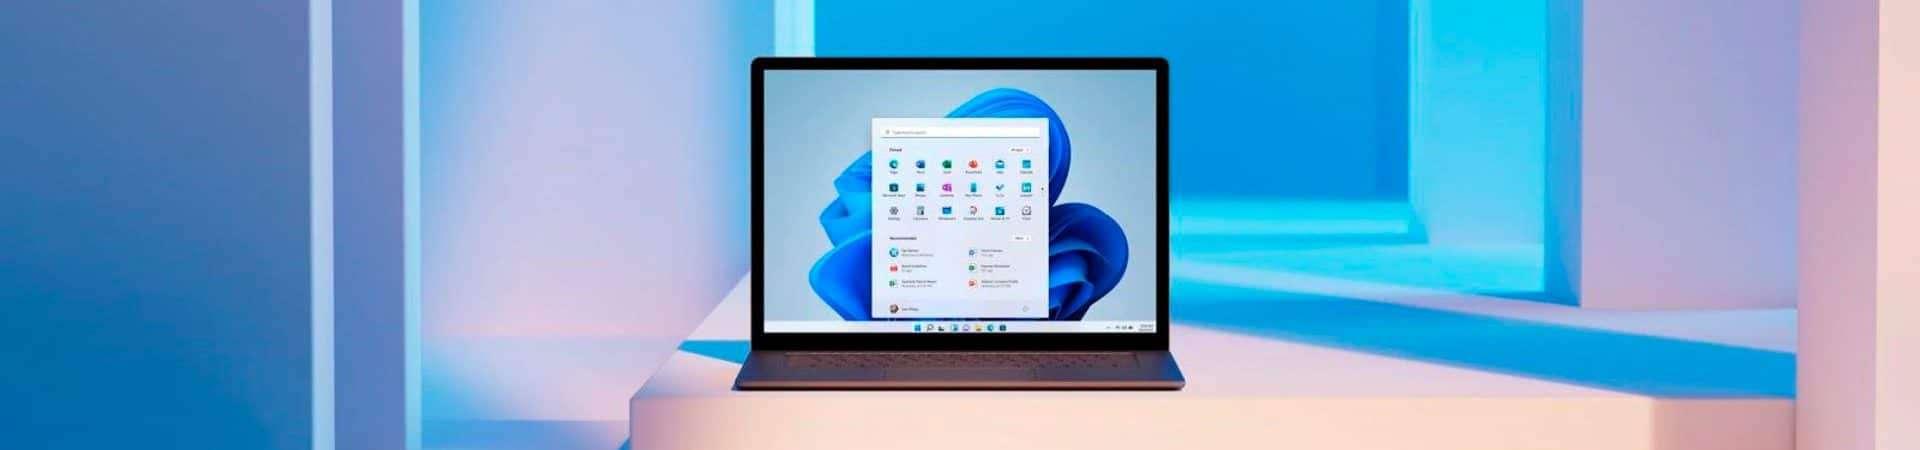 Windows 11 lançado pela Microsoft